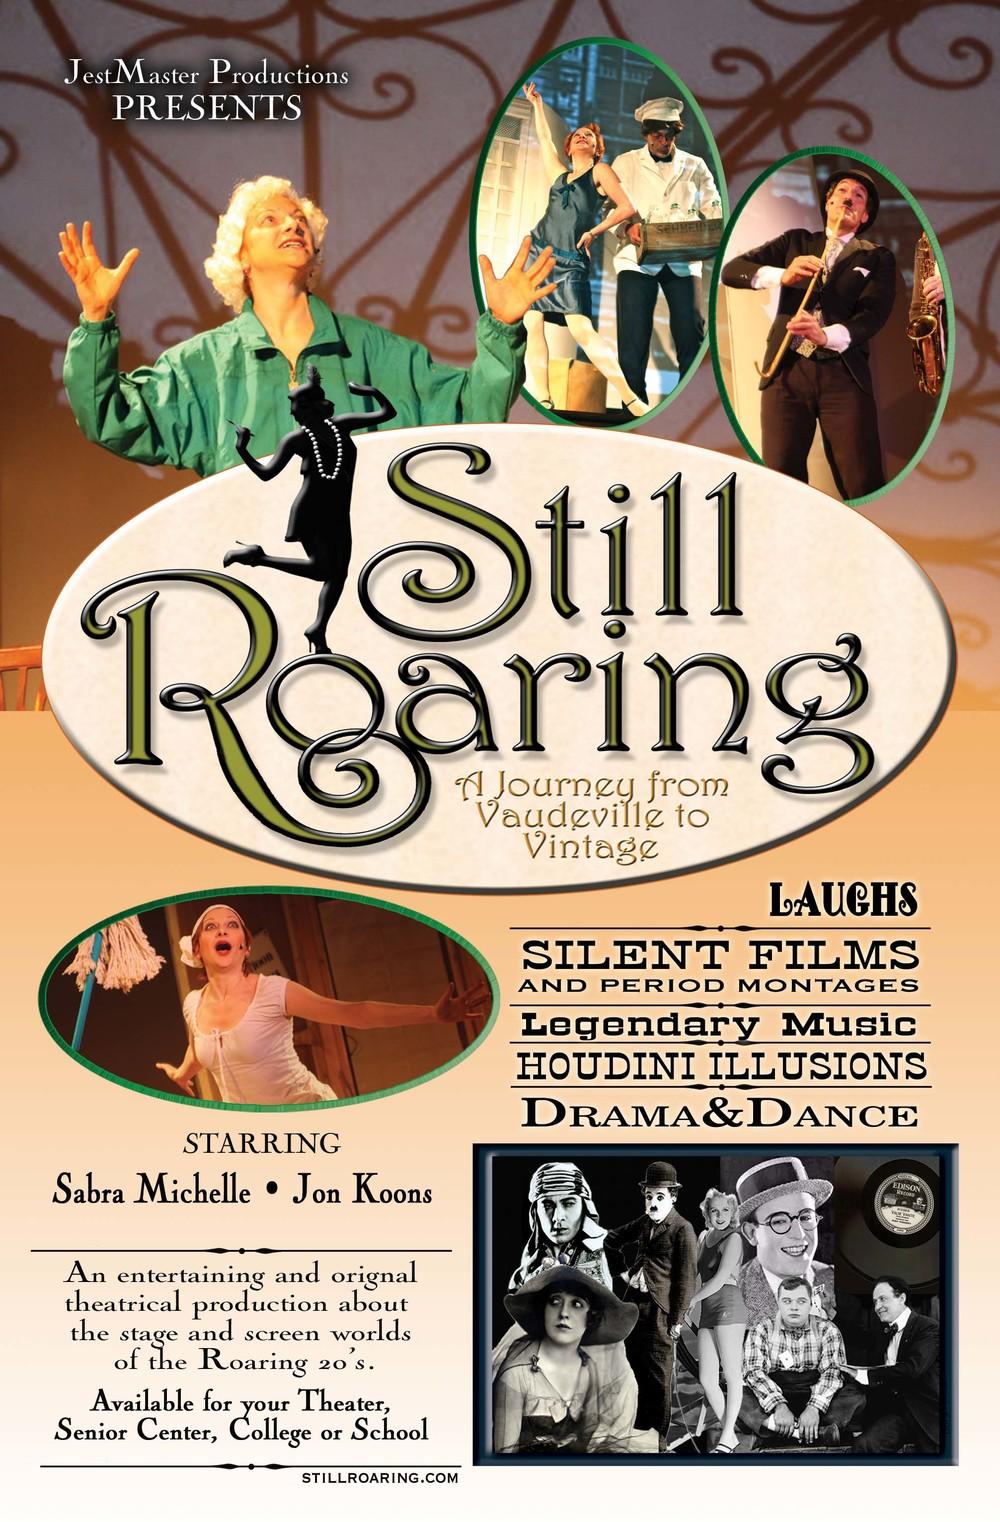 Still Roaring Poster 1.jpg